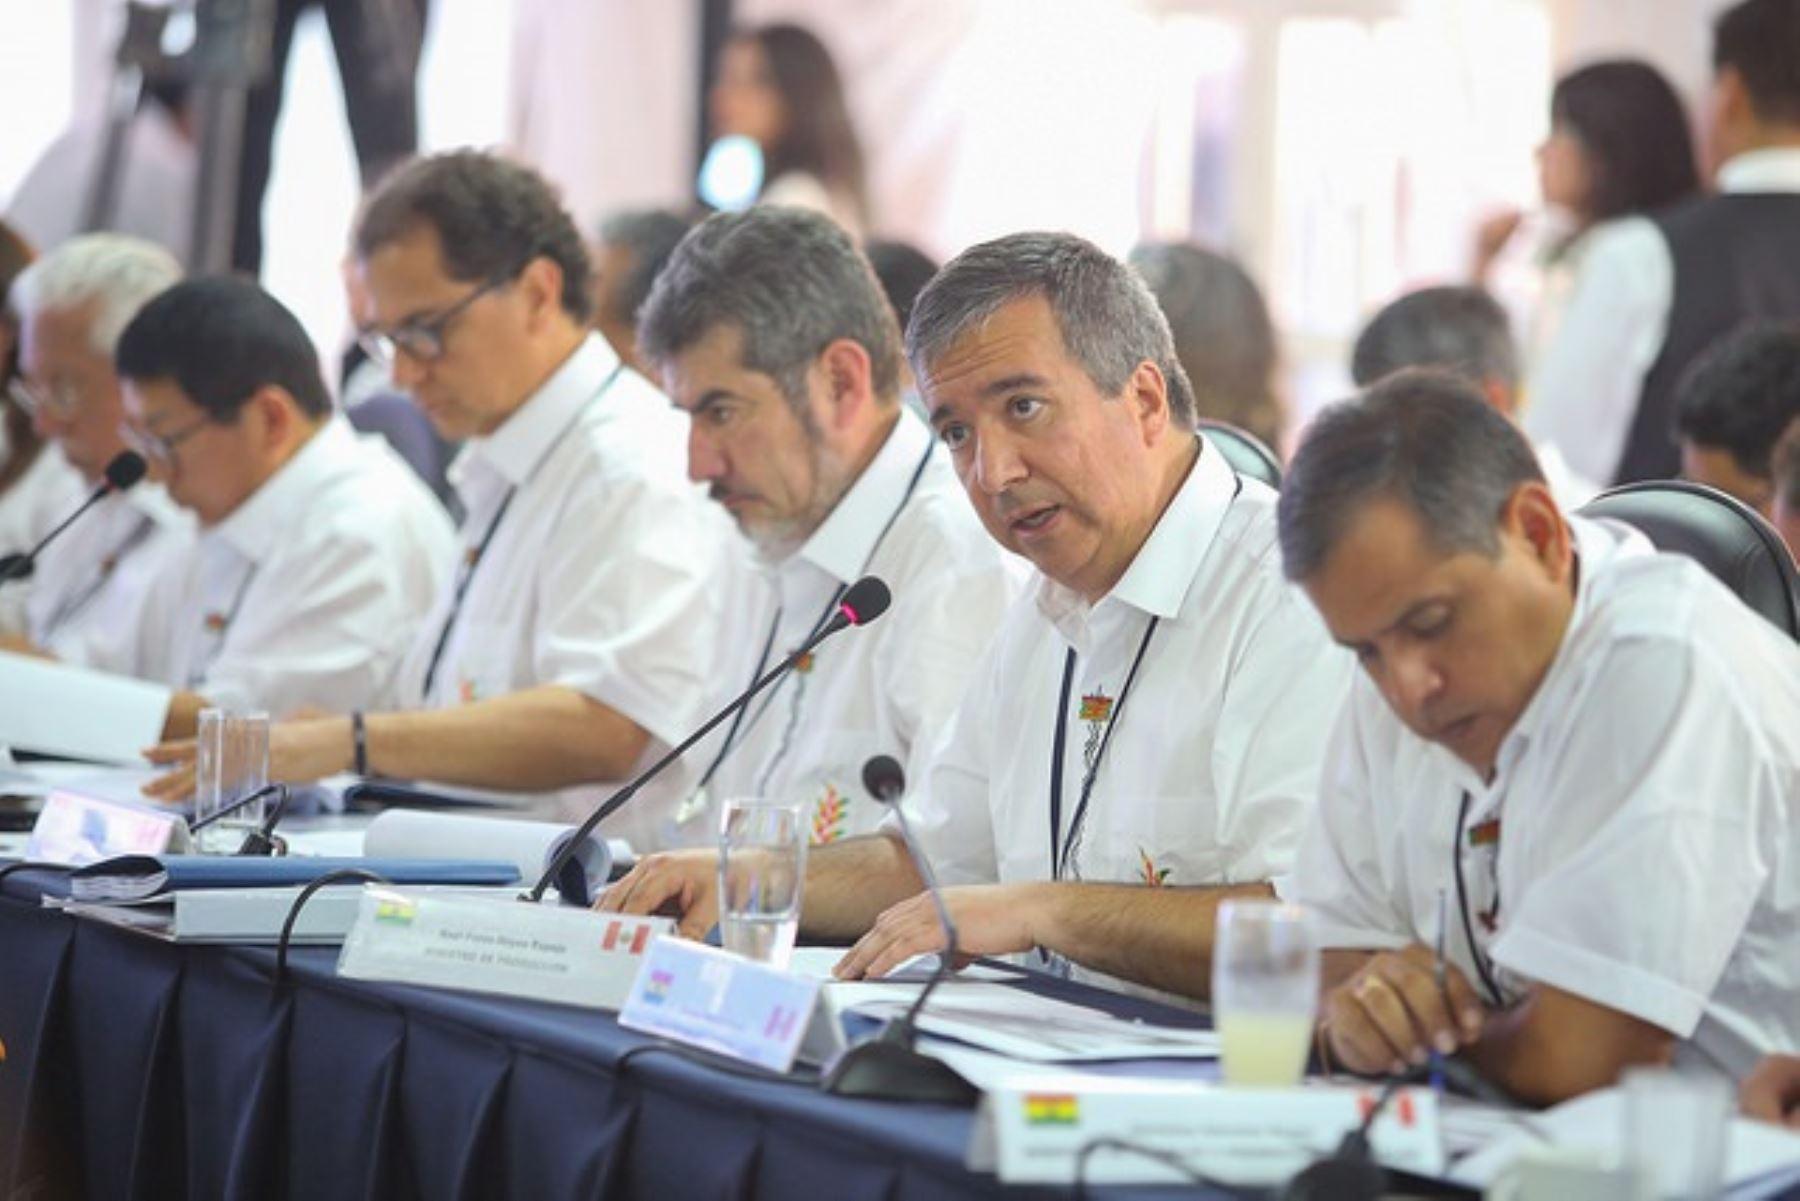 Ministro de la Producción, Raúl Pérez-Reyes en IV Gabinete binacional Perú - Bolivia. Foto: Cortesía.